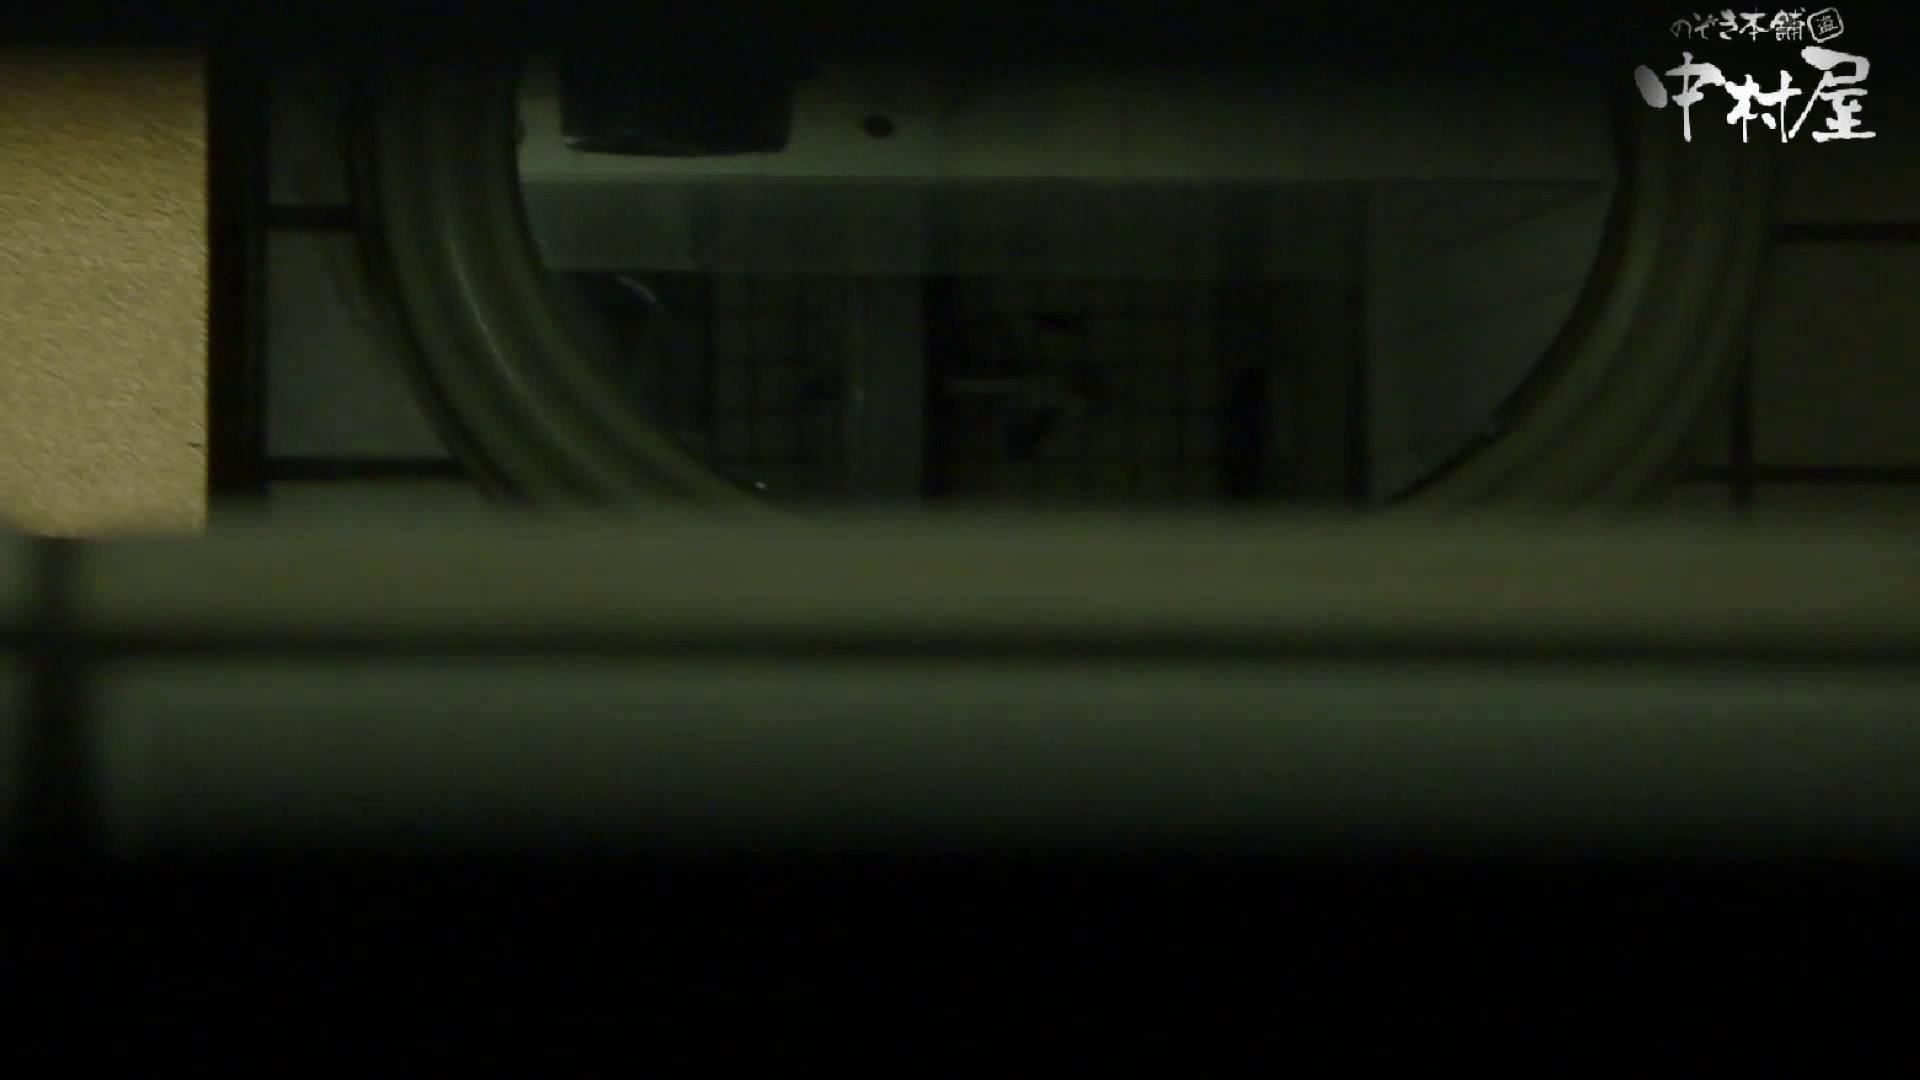 【美人が集まるファッションショッピングセンター洗面所盗SATU】ギャルのツルピカ潜入盗satu!Vol.10 洗面所突入 覗きおまんこ画像 106pic 64